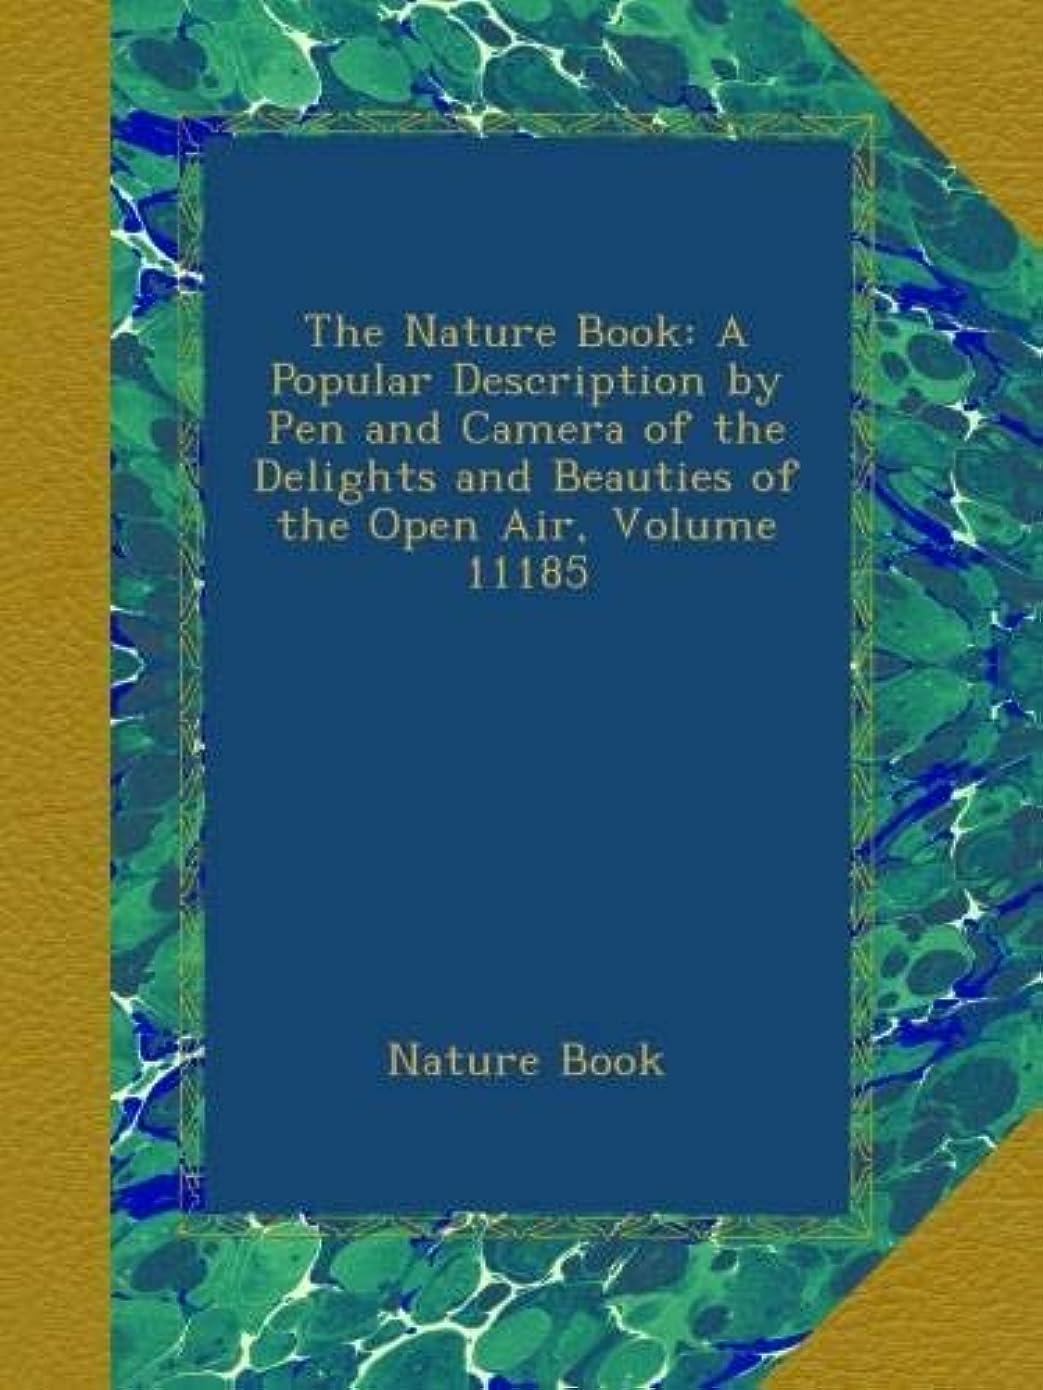 集まるパステル年金受給者The Nature Book: A Popular Description by Pen and Camera of the Delights and Beauties of the Open Air, Volume 11185